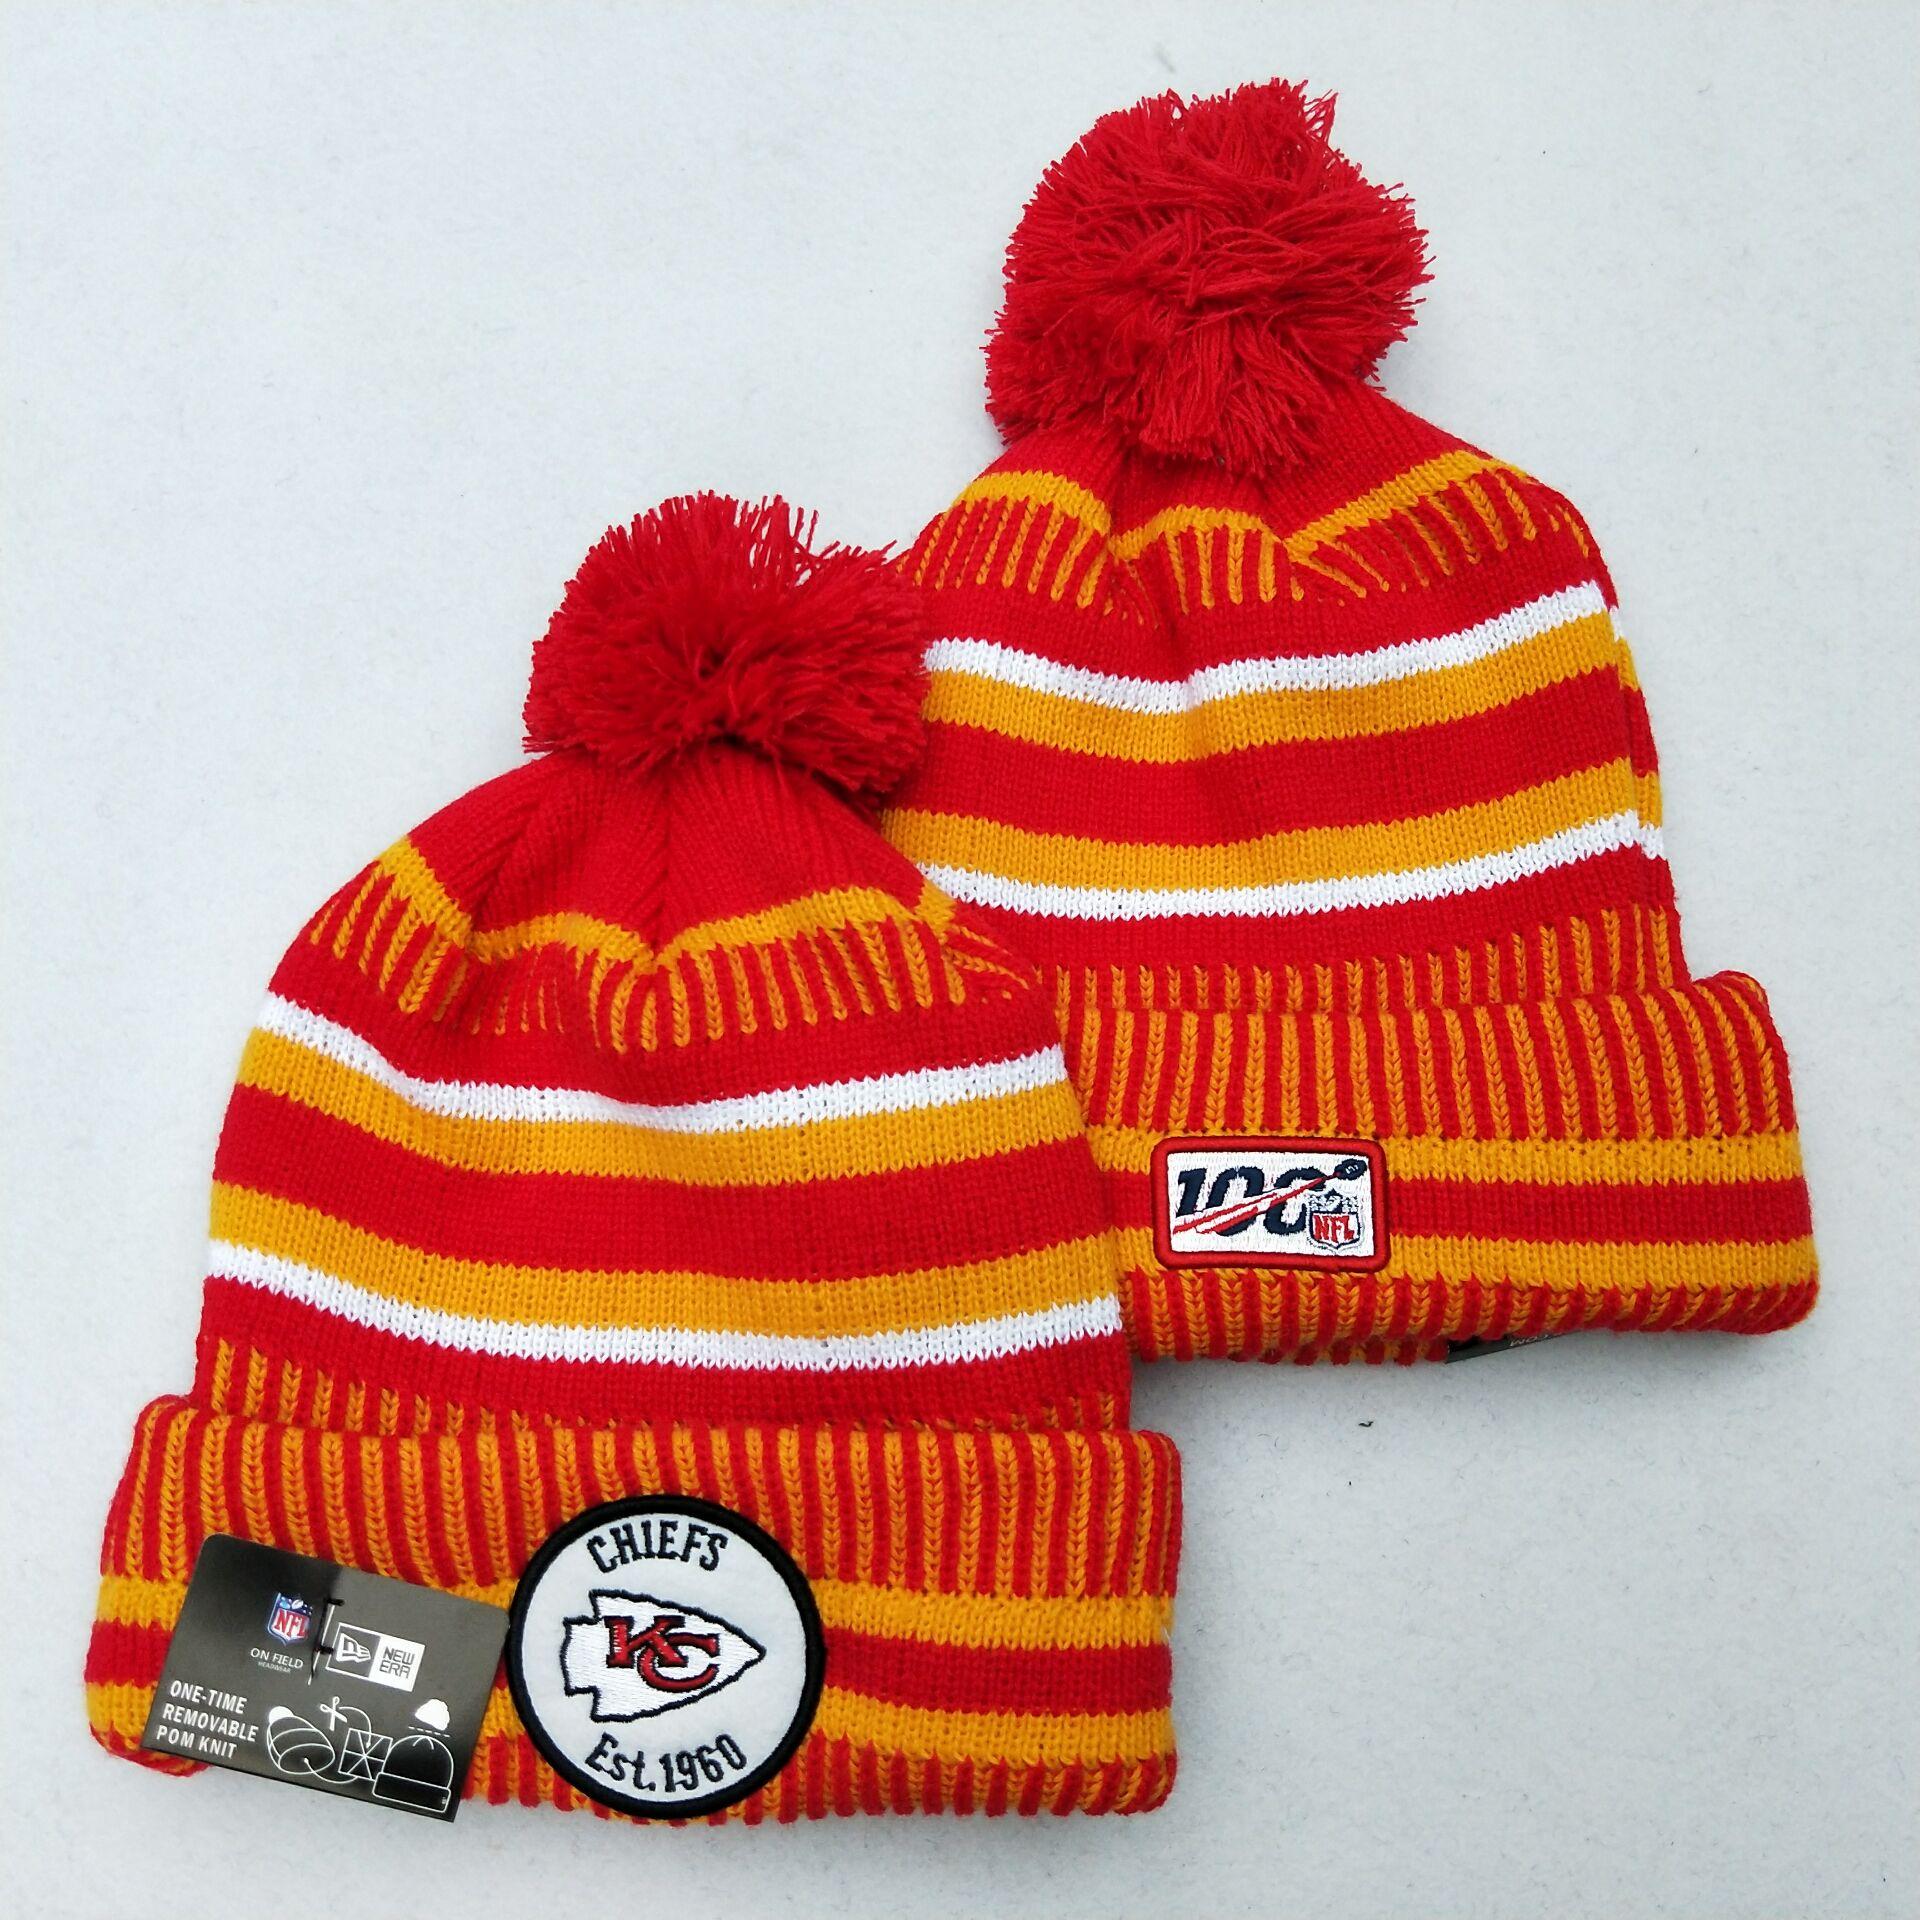 Chiefs Team Logo Red 100th Season Pom Knit Hat YD